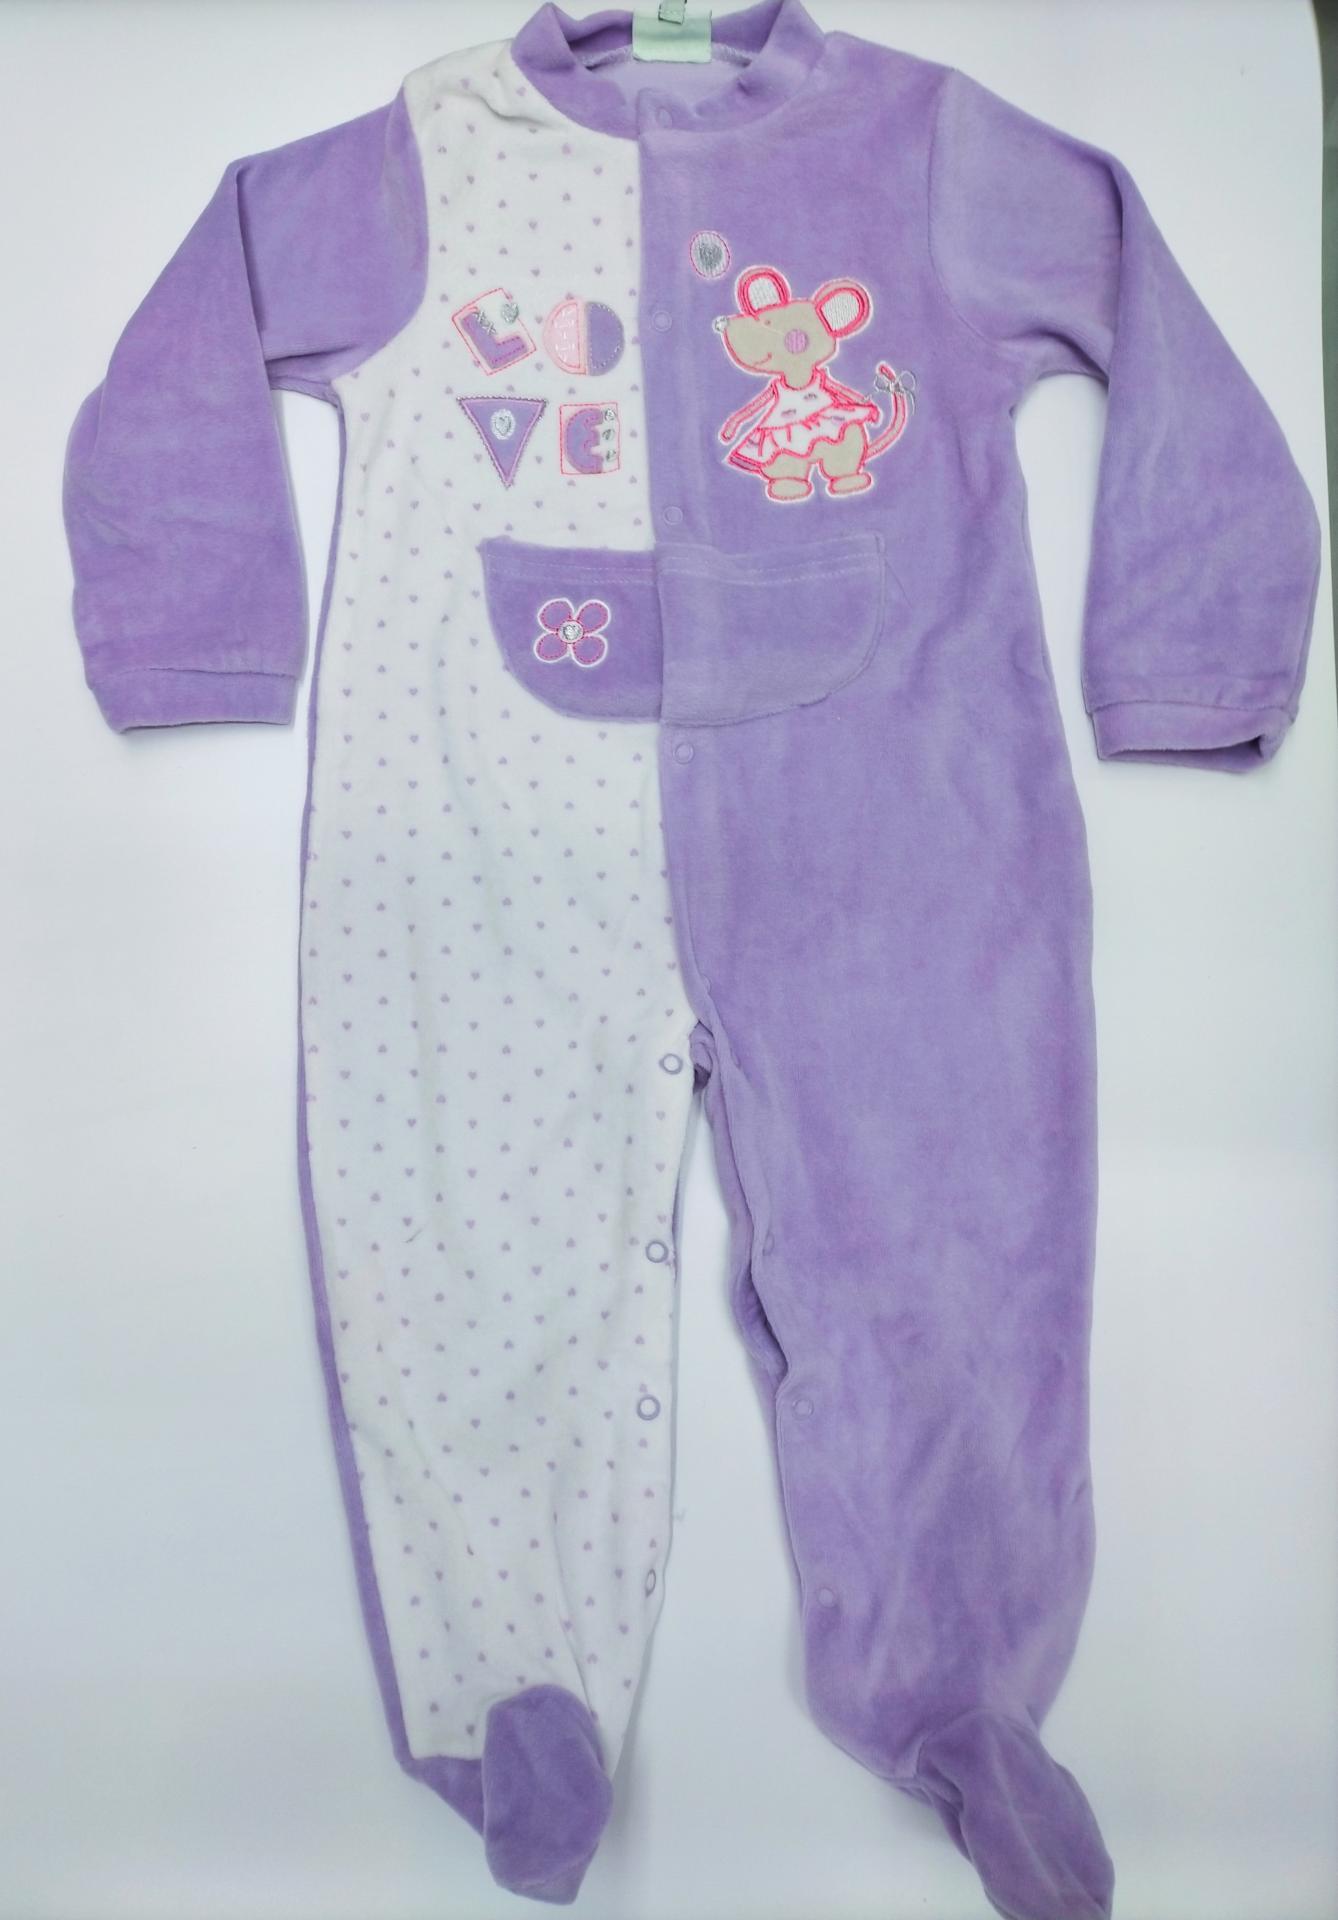 """Pijama bebé  abierto en lila """" Ratita """"de Yatsi."""